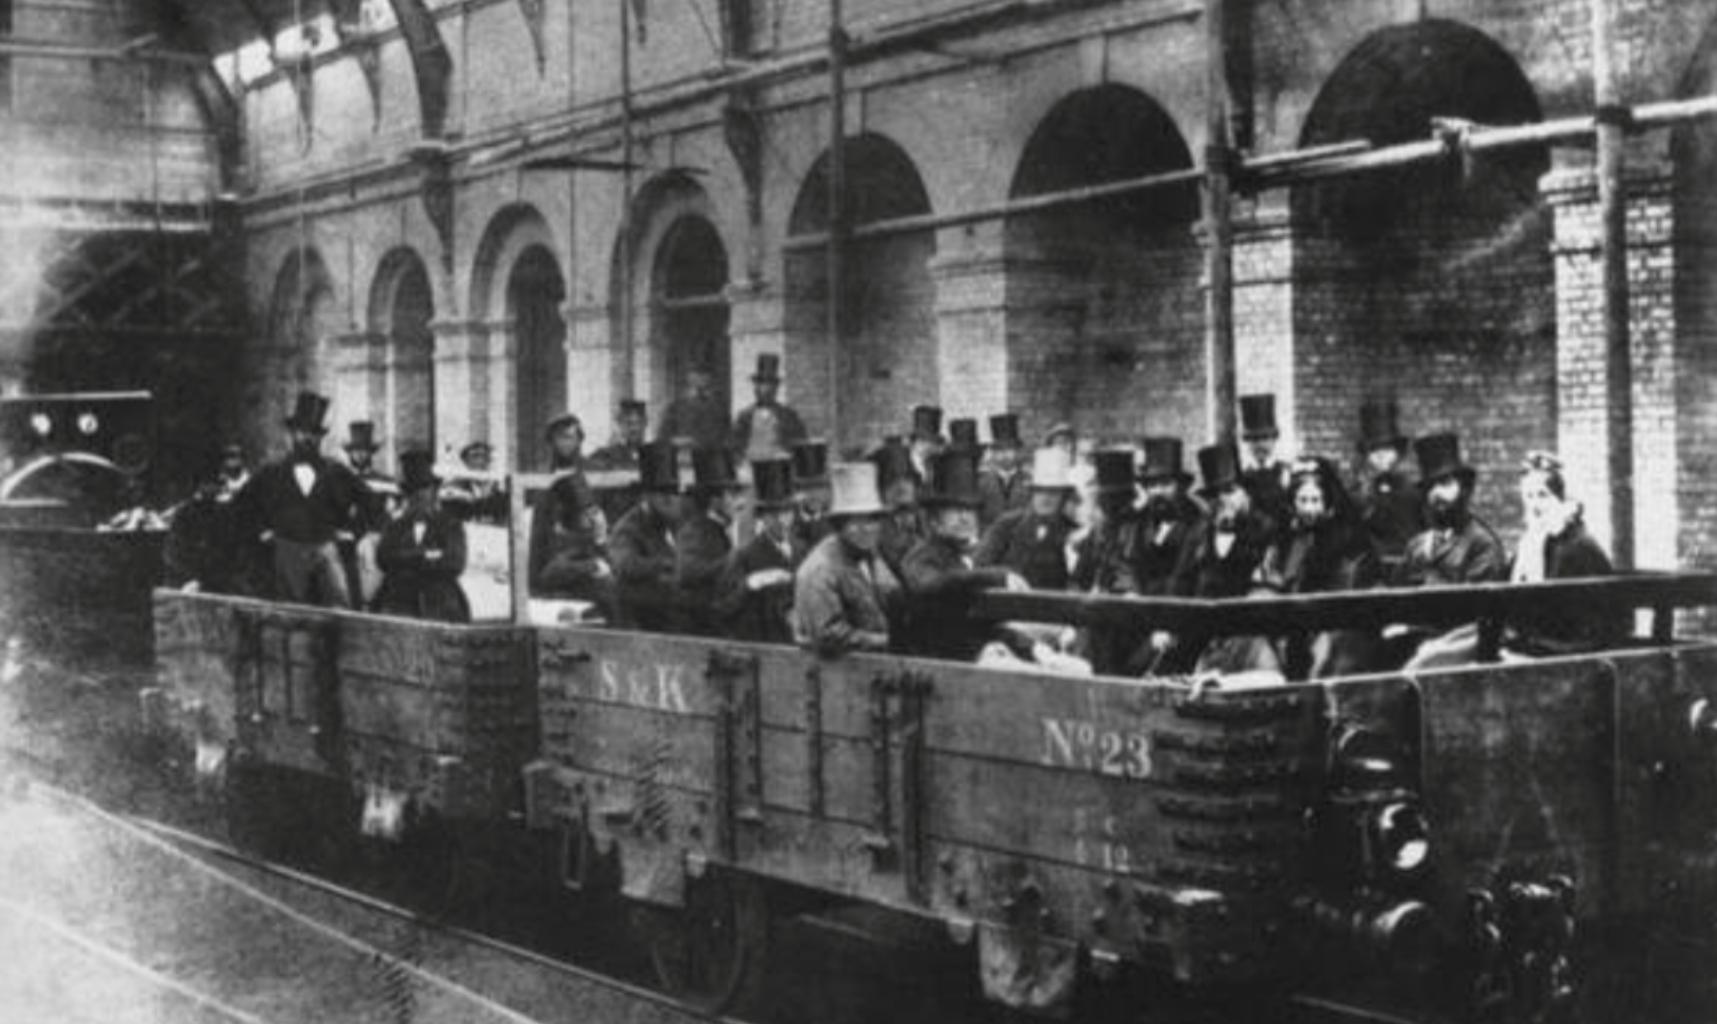 La Londra s-a făcut primul metrou acum 160 de ani, în 3 ani. În Drumul Taberei așteptăm de 10 ani să vină mileniul 2, peron pe partea dreaptă